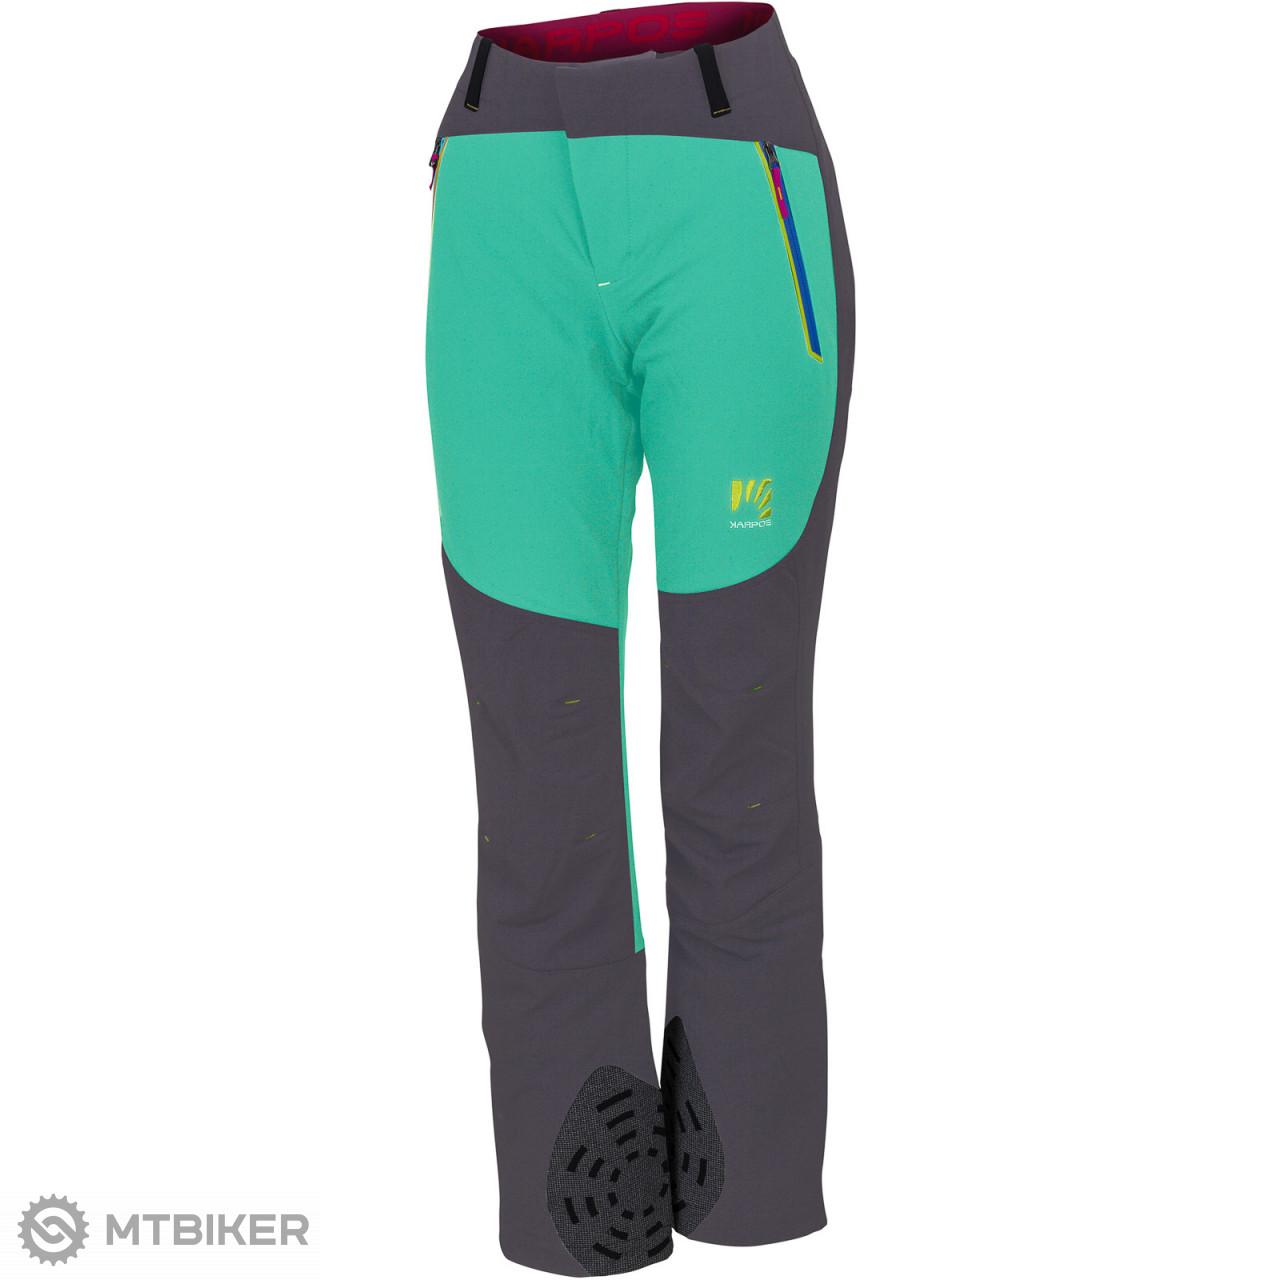 6340615ae231 Karpos EXPRESS 300 dámske nohavice svetlosmaragdové sivé - MTBIKER Shop